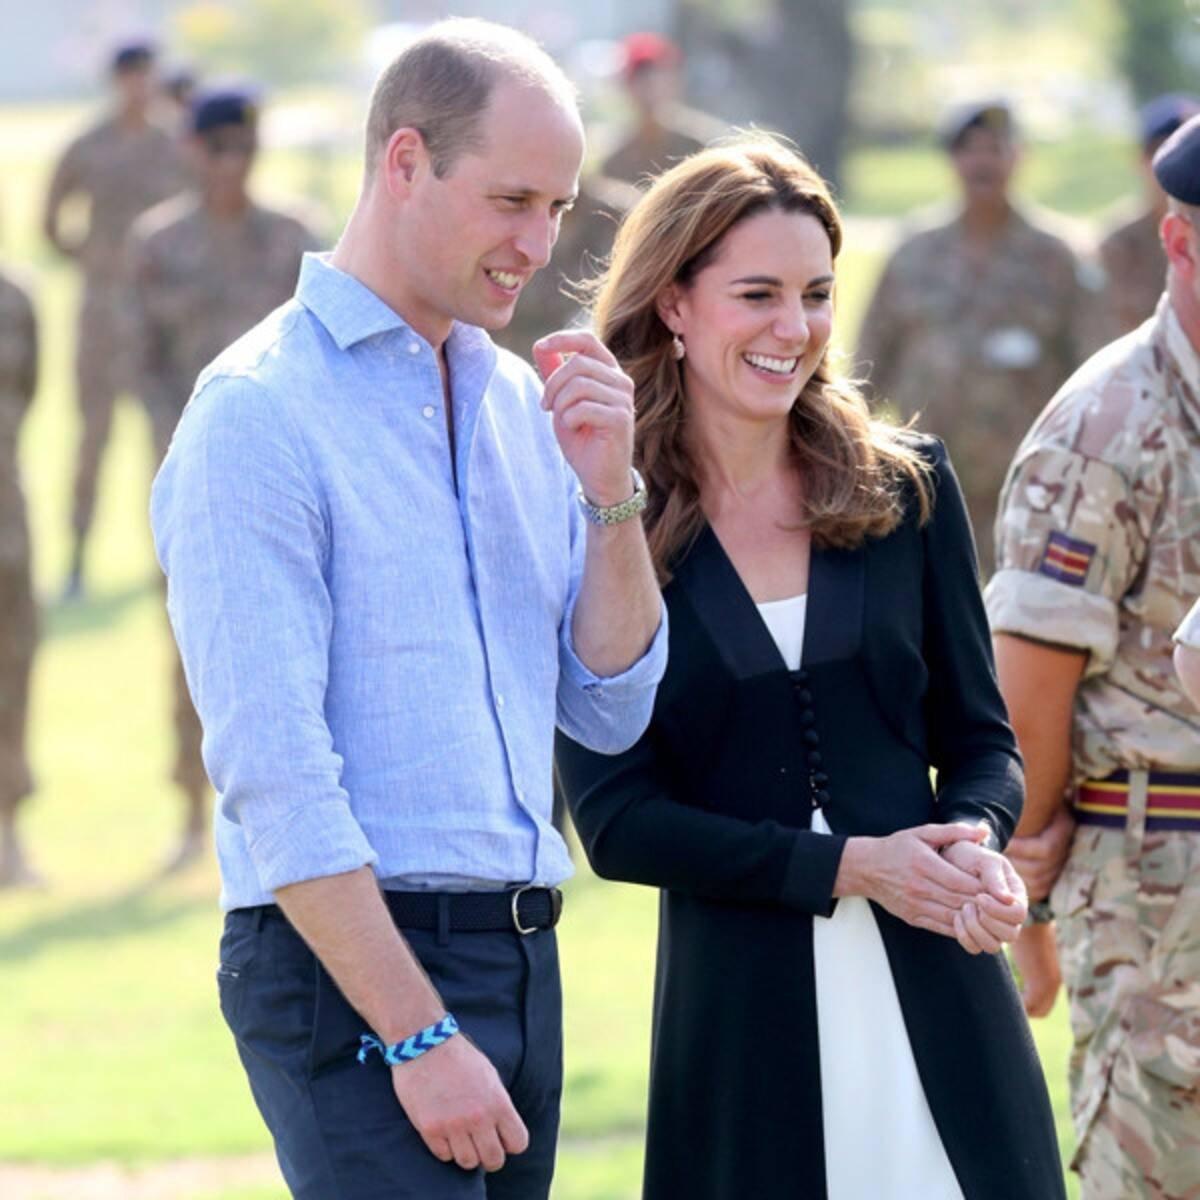 Кейт Миддлтон призналась, что её супруг принц Уильям больше не хочет детей